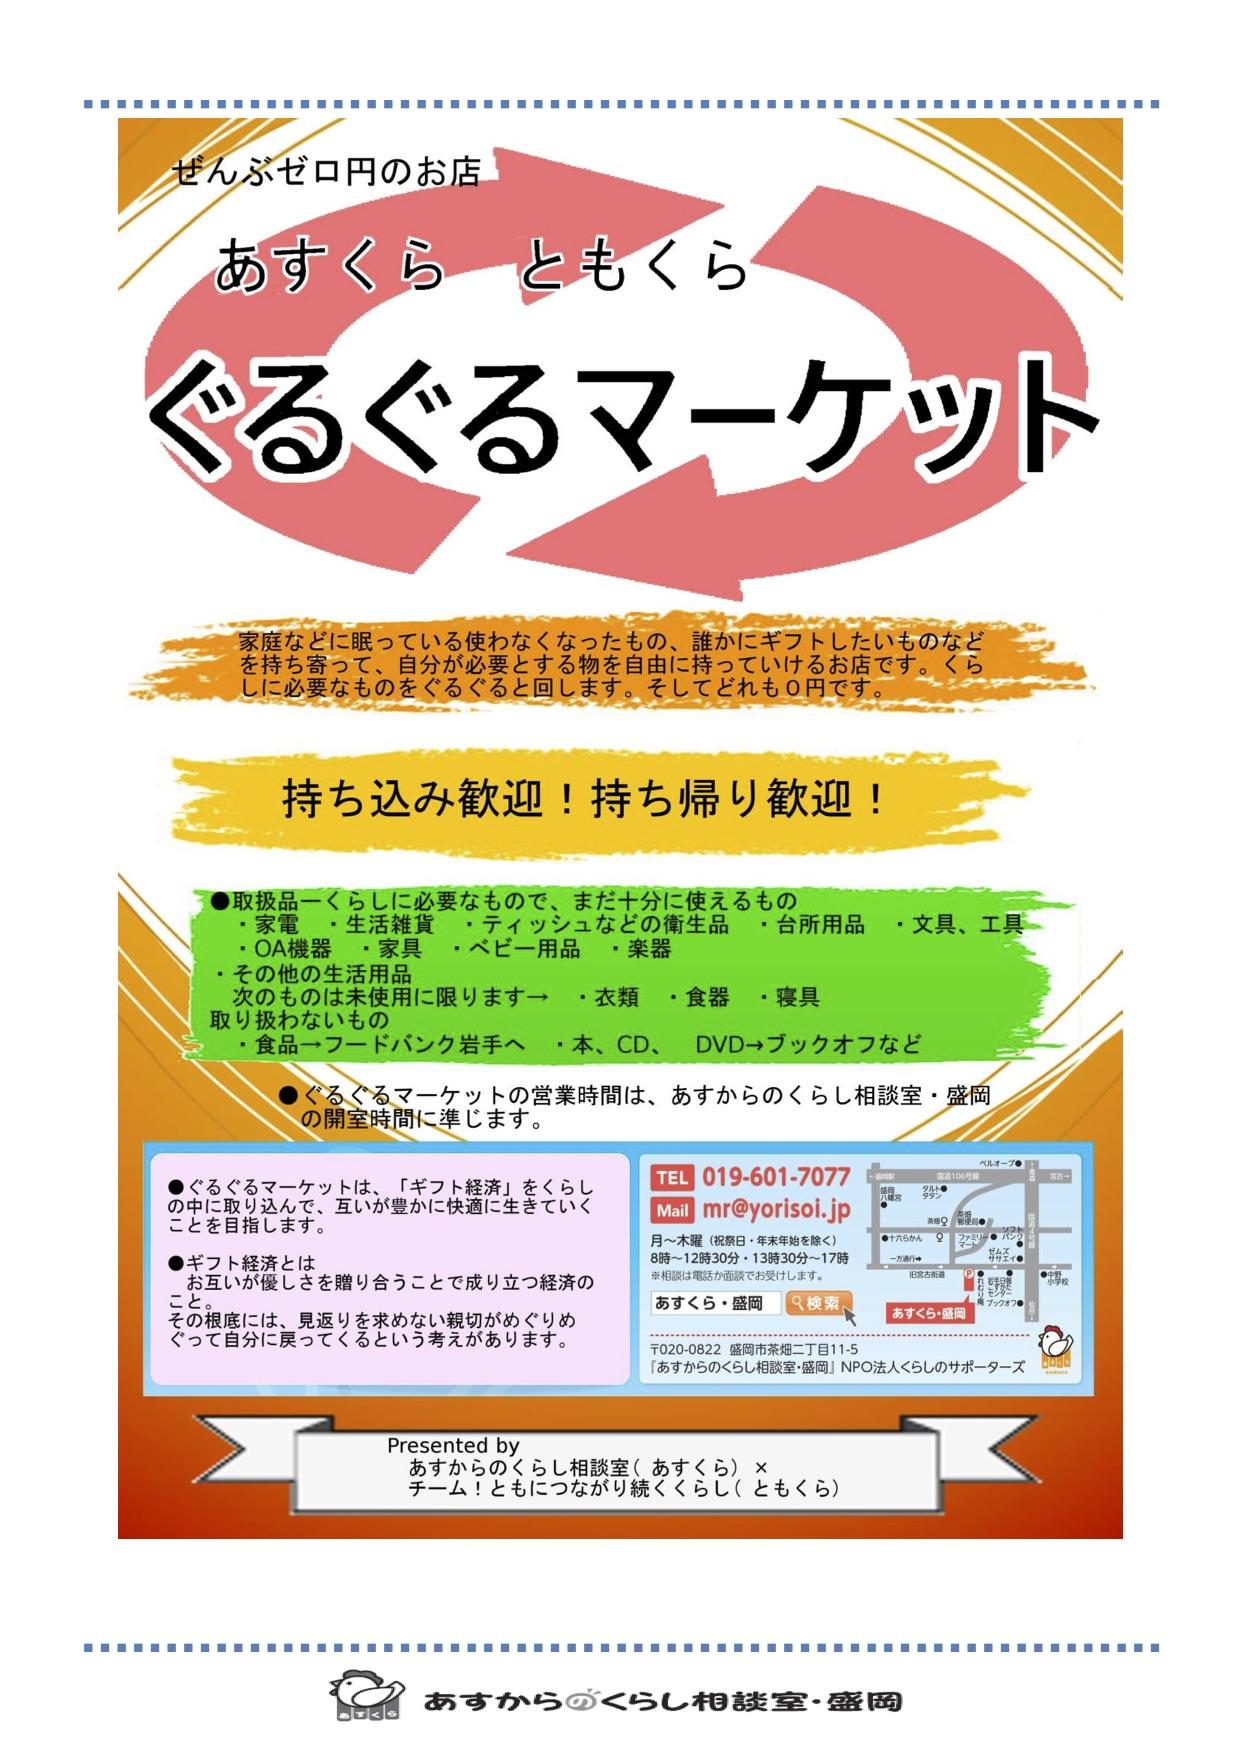 あすくら:なんでもゼロ円のお店「ぐるぐるマーケット」を始めました ~ギフト経済をくらしの中に_a0103650_20962.jpg